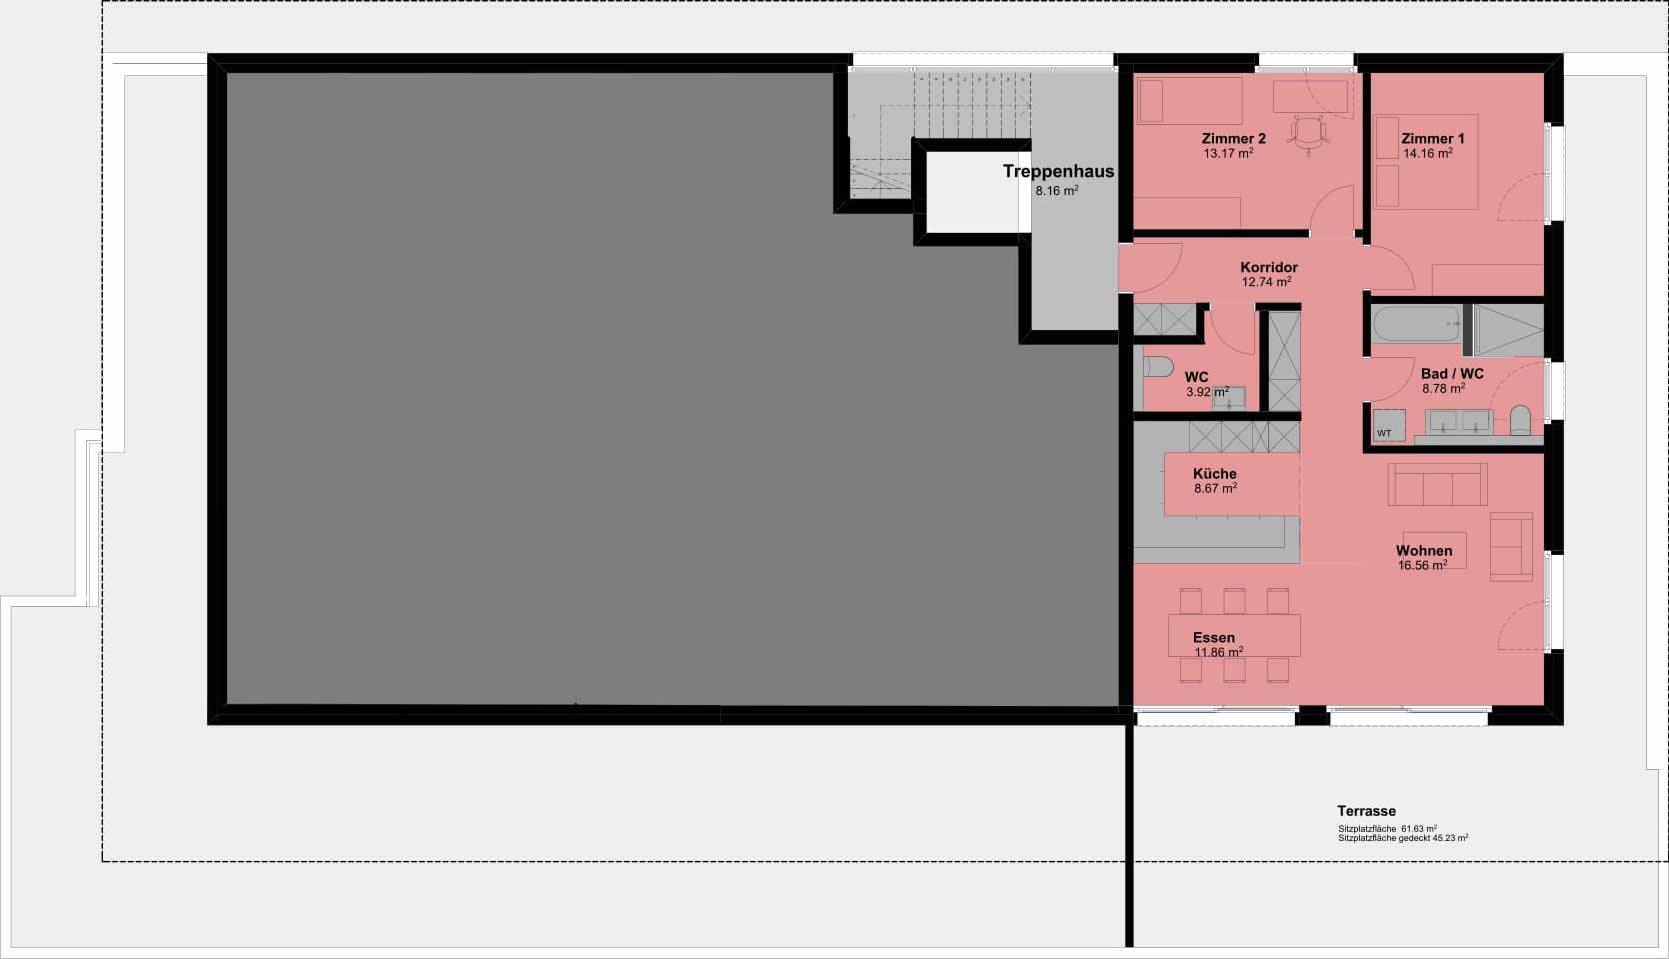 westfield_mehrfamilienhaus_haerkingen_grundriss_attika_2.jpg